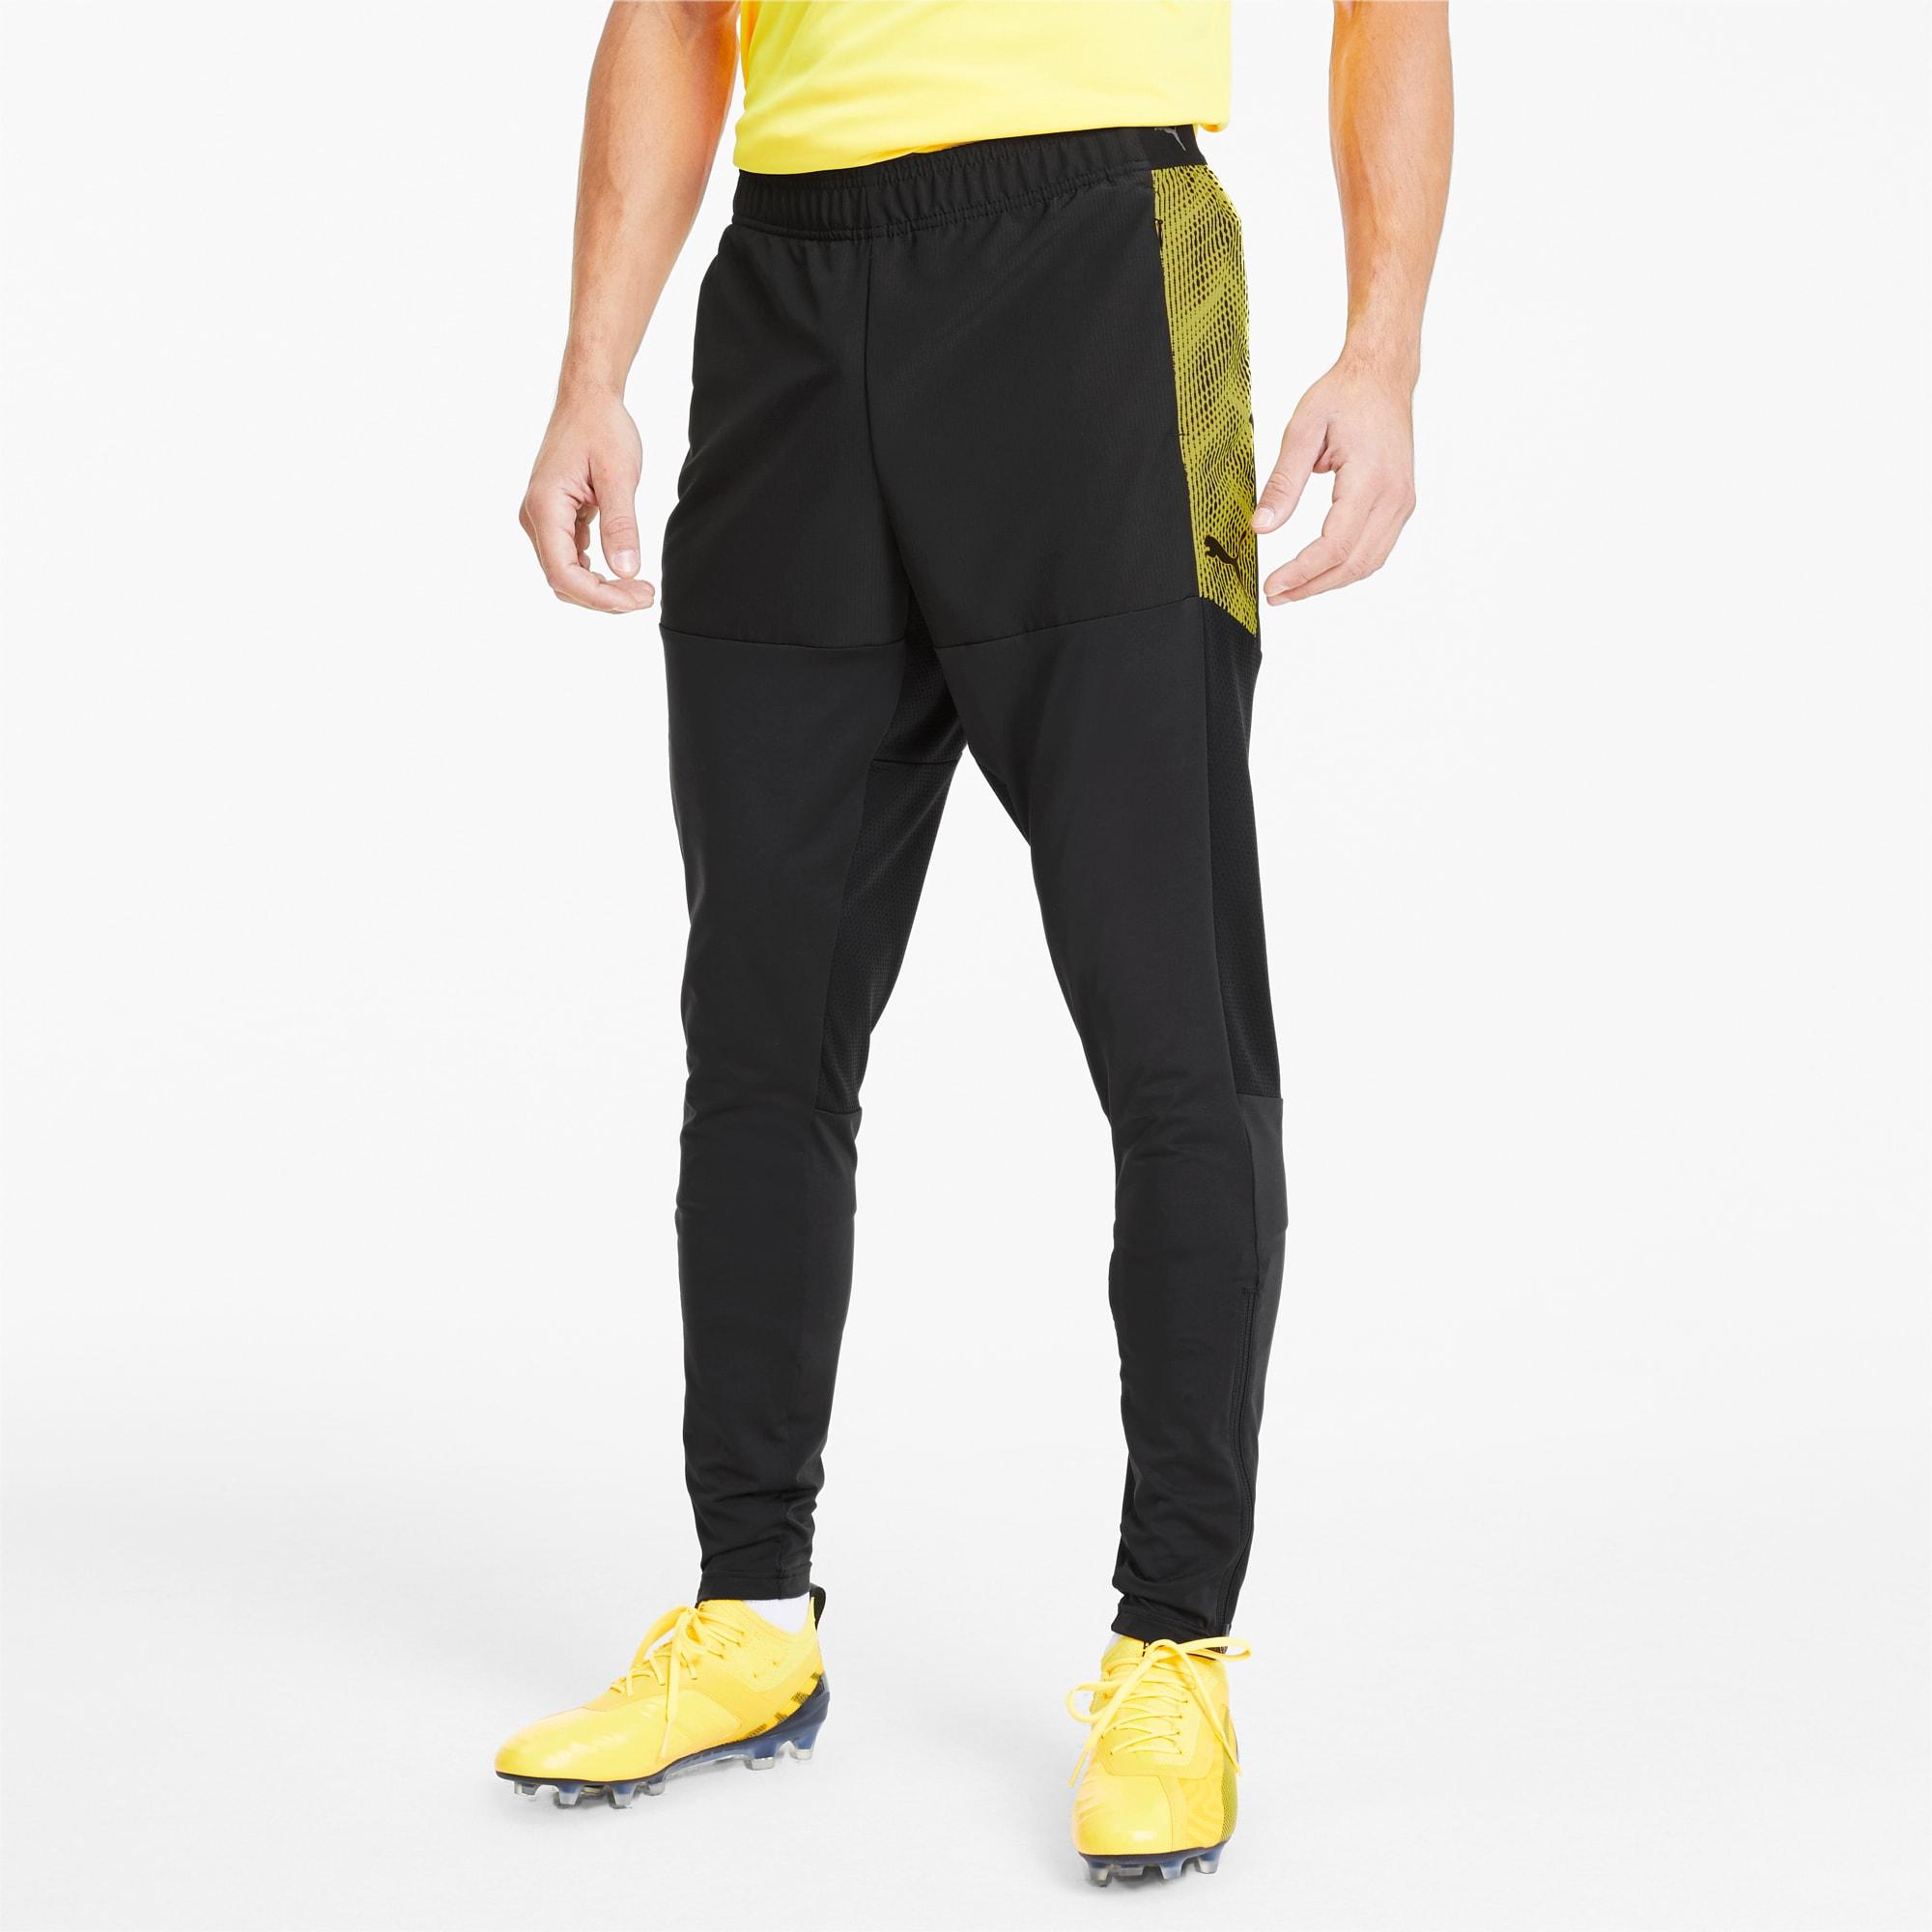 Pantalon de survêtement ftblNXT Pro pour homme | PUMA Shoes | PUMA ...